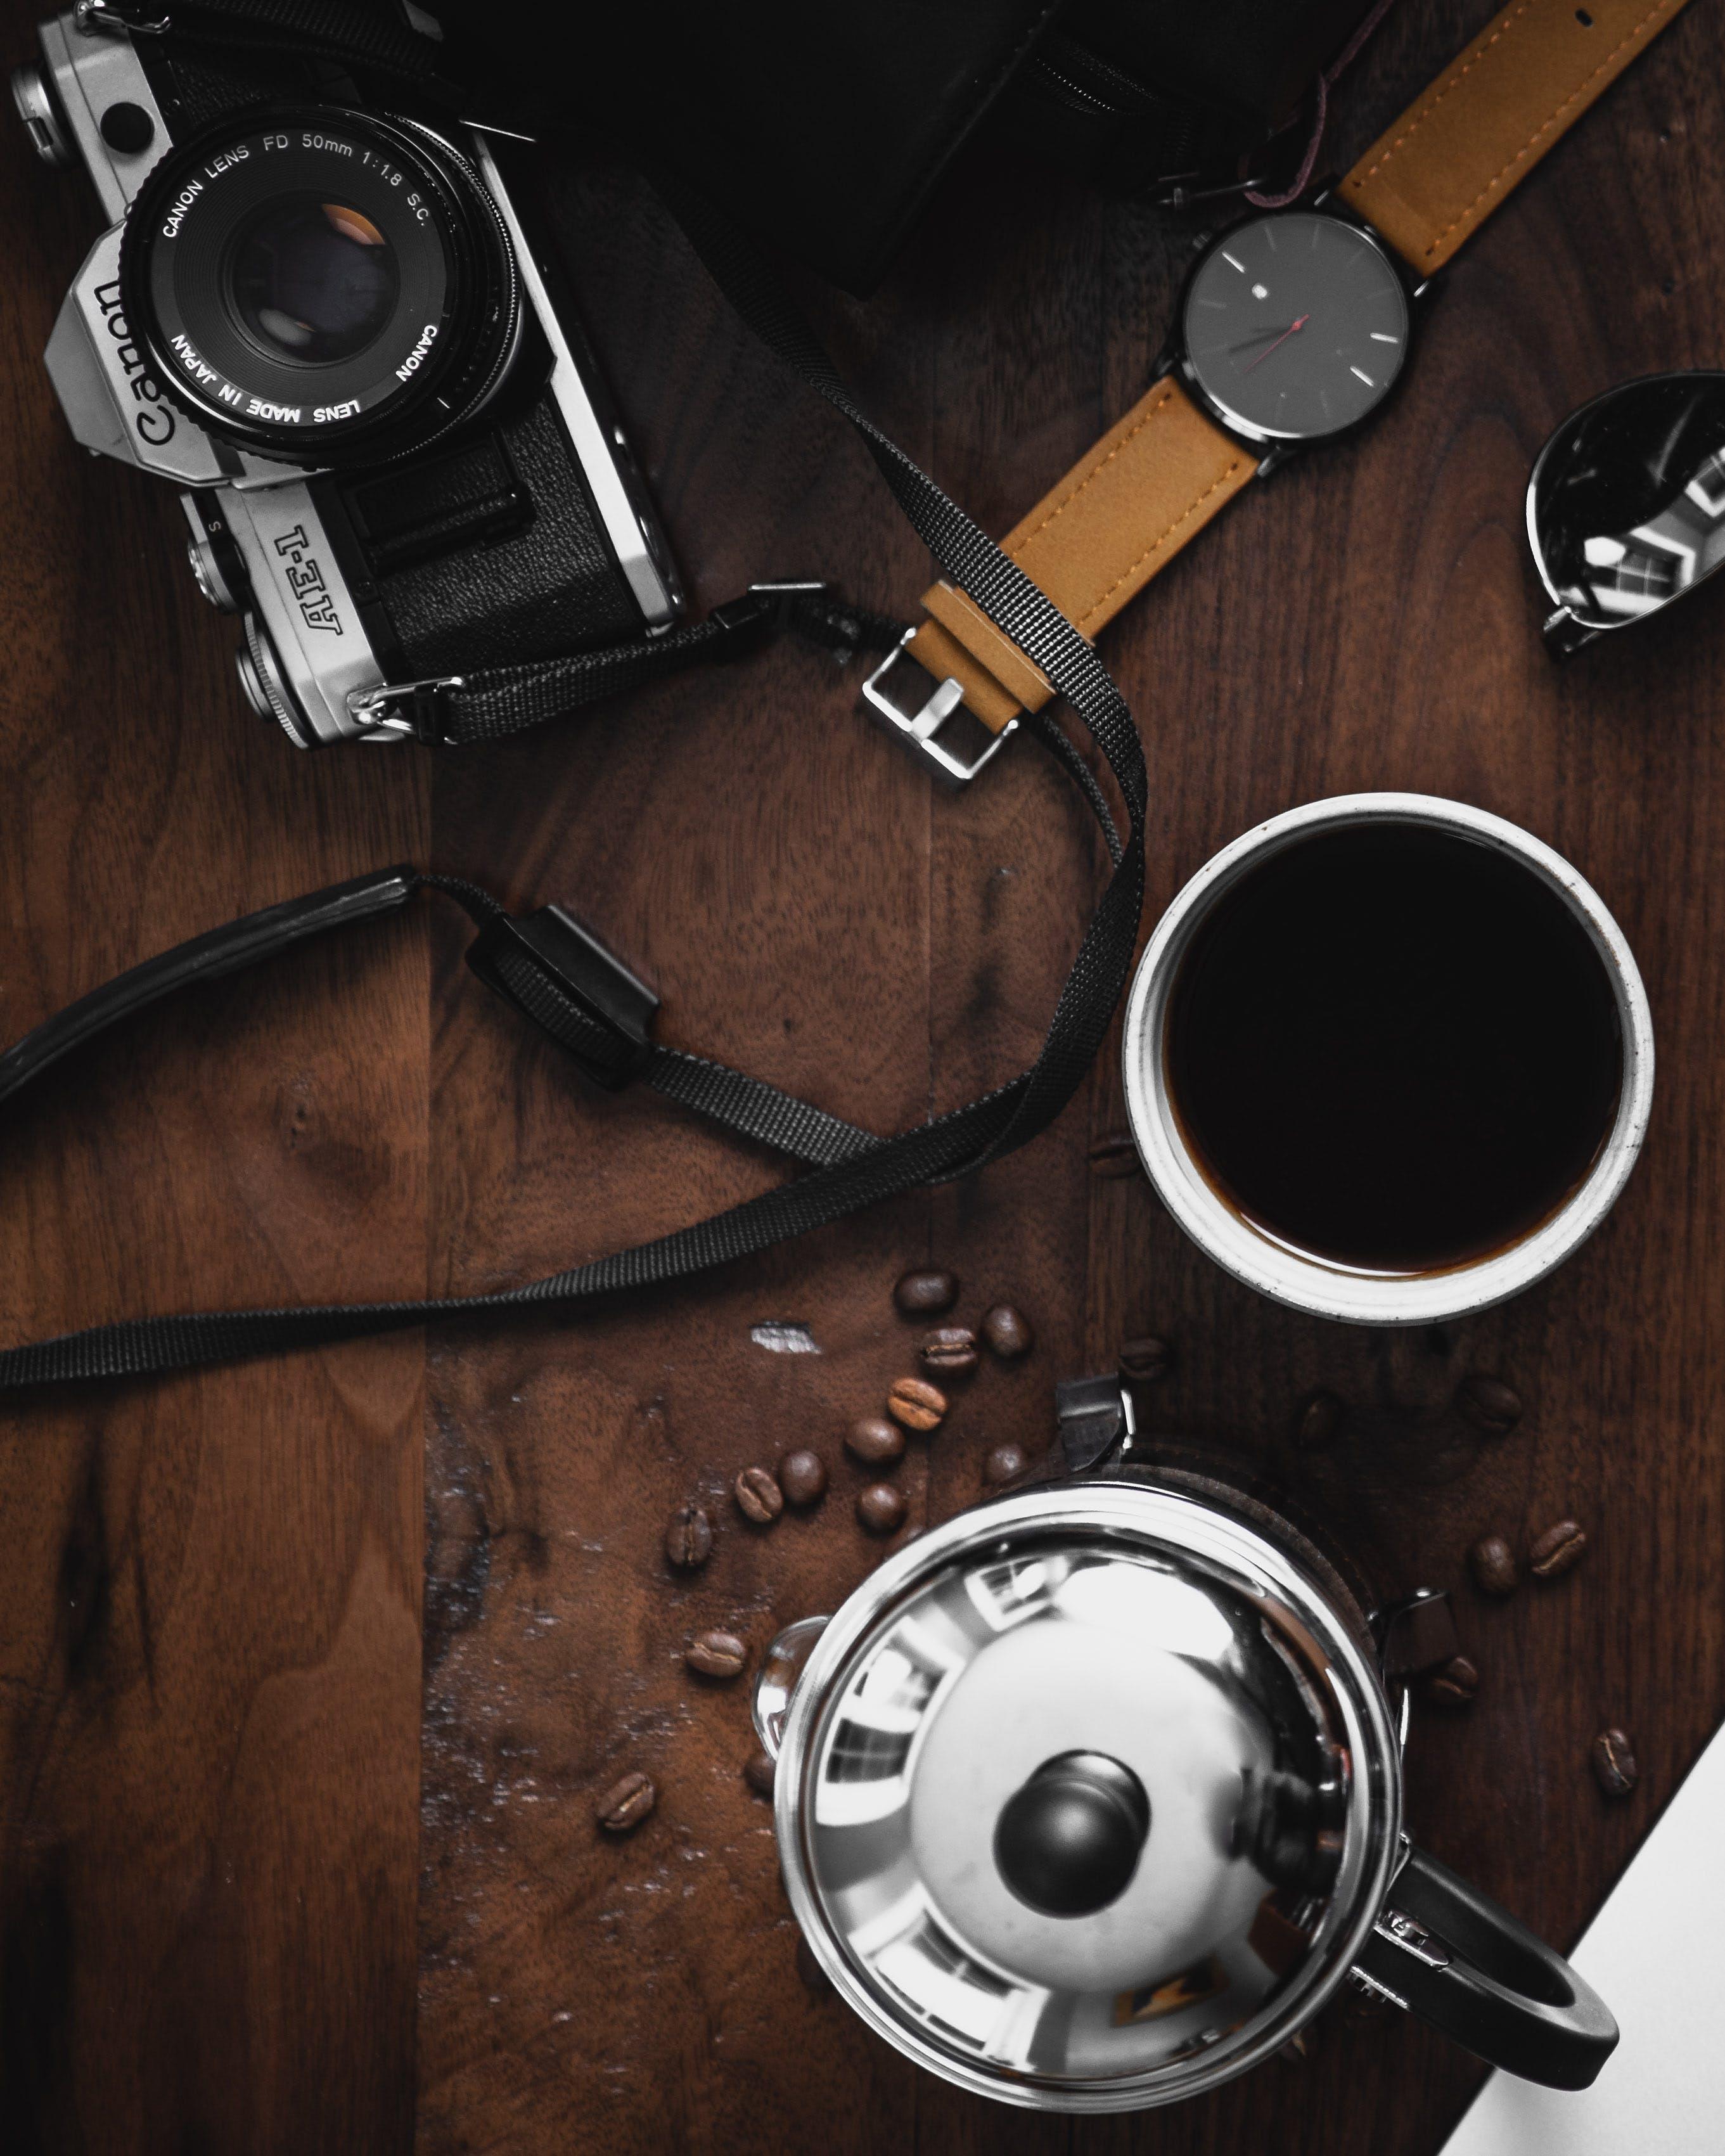 Flat Lay Photography of a Camera, Coffee Mug and Wristwatch